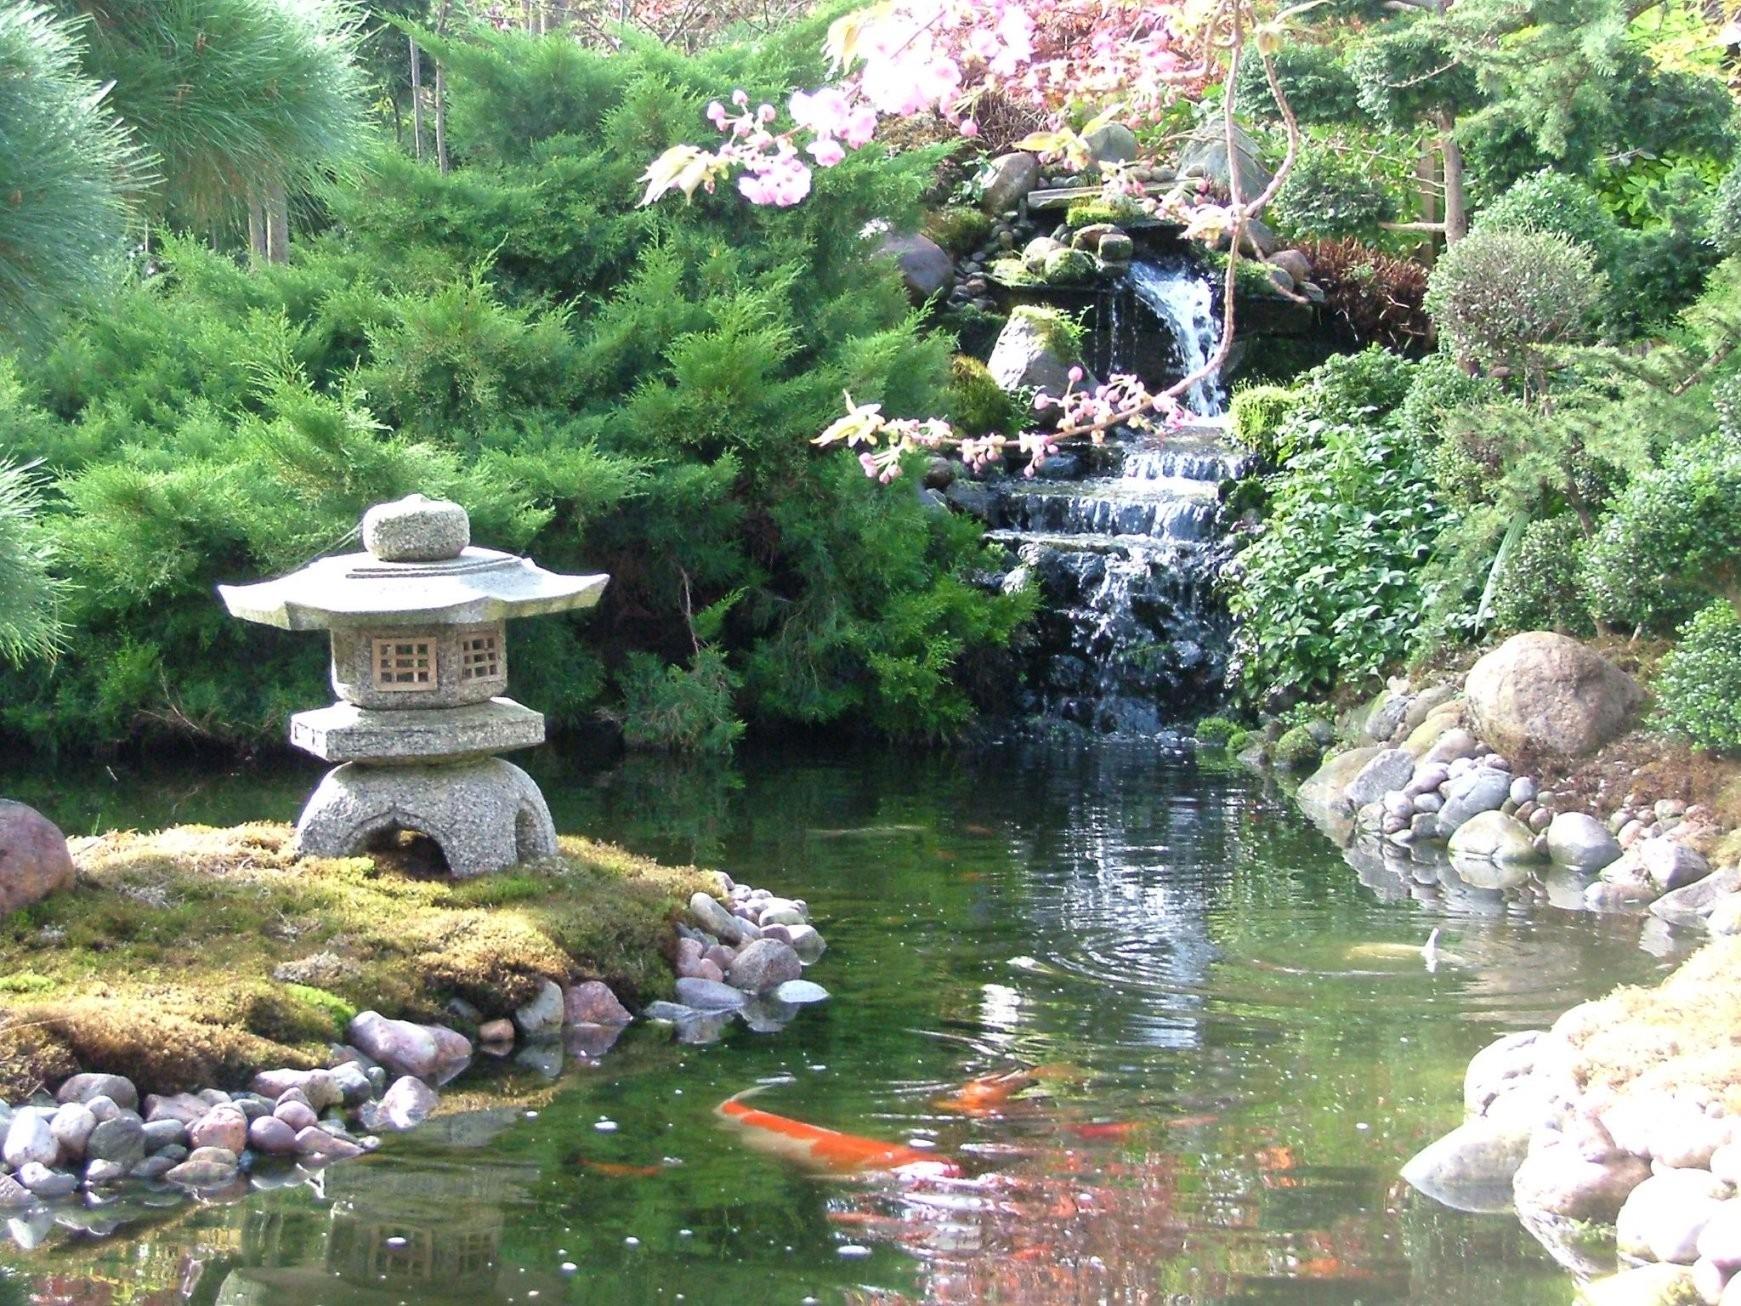 Anleitung Japanischen Garten Selbst Gestalten Wir Klären Auf von Kleiner Japanischer Garten Photo